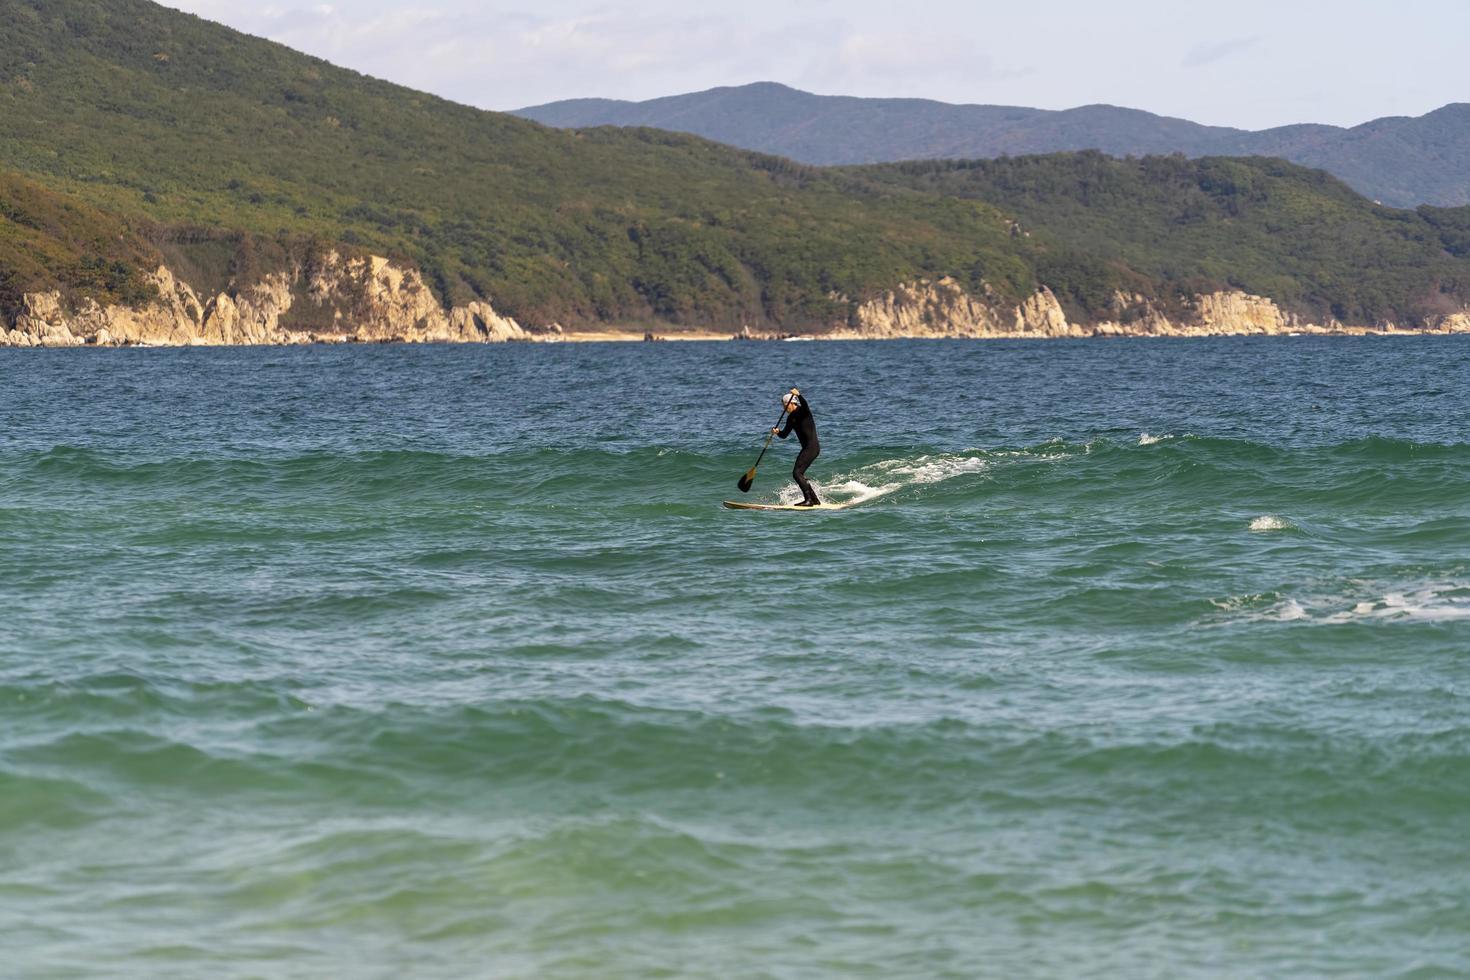 paisaje marino con un surfista de savia en una tabla. Primorsky Krai foto